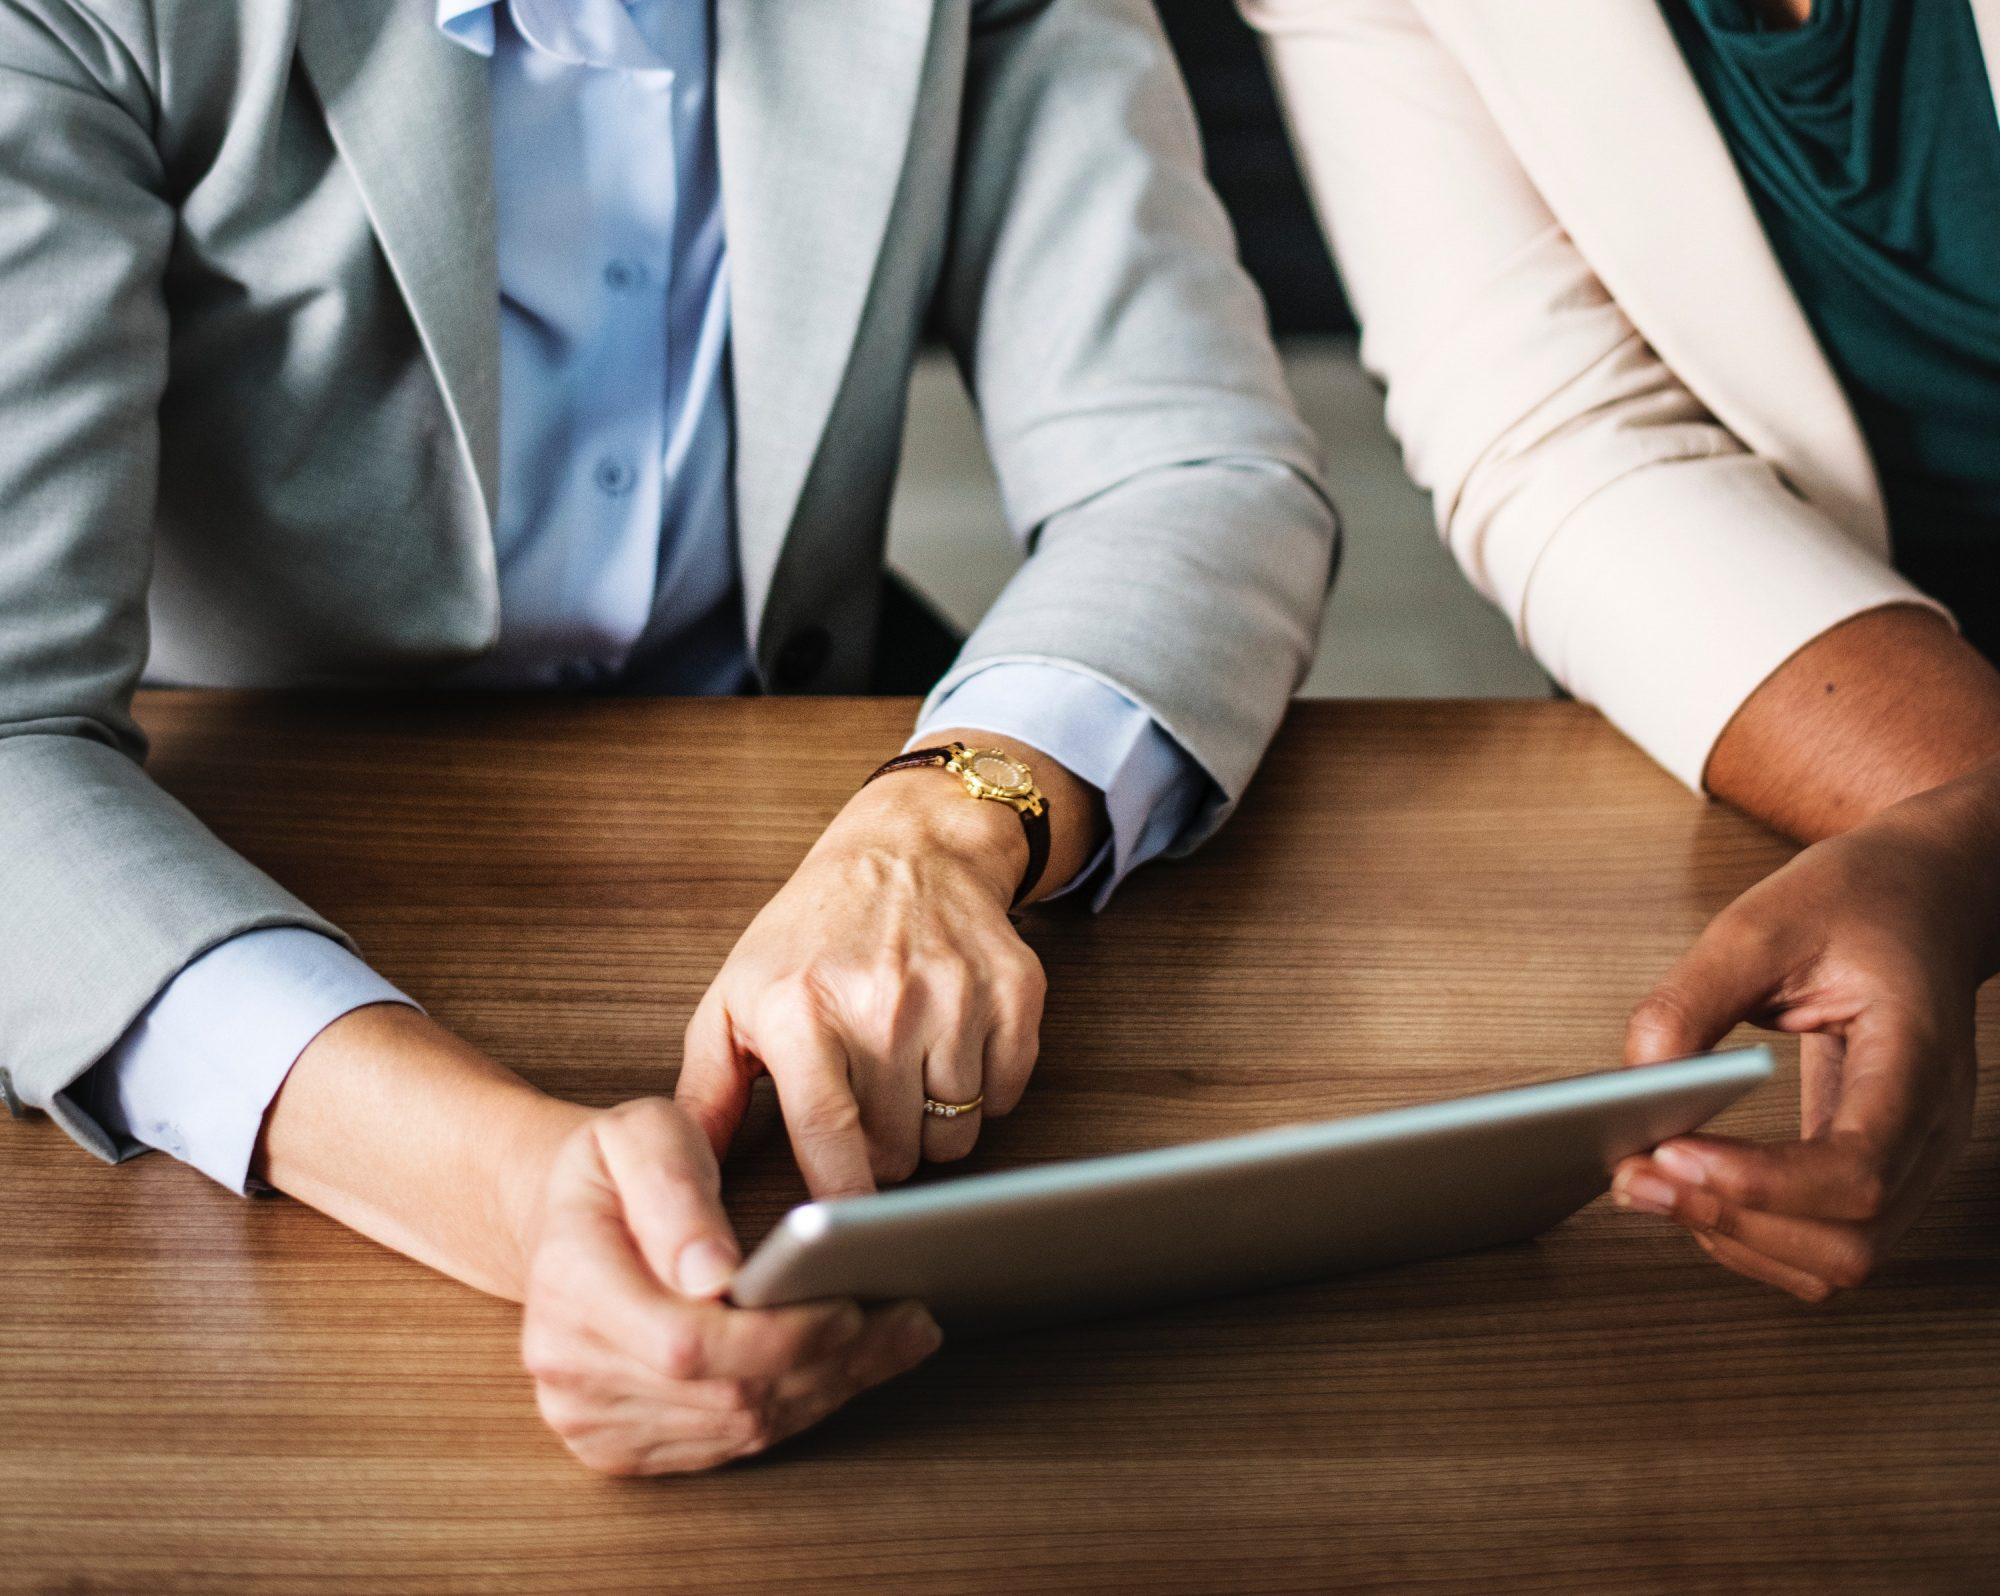 Imageforschung Zwei Personen am Tablet